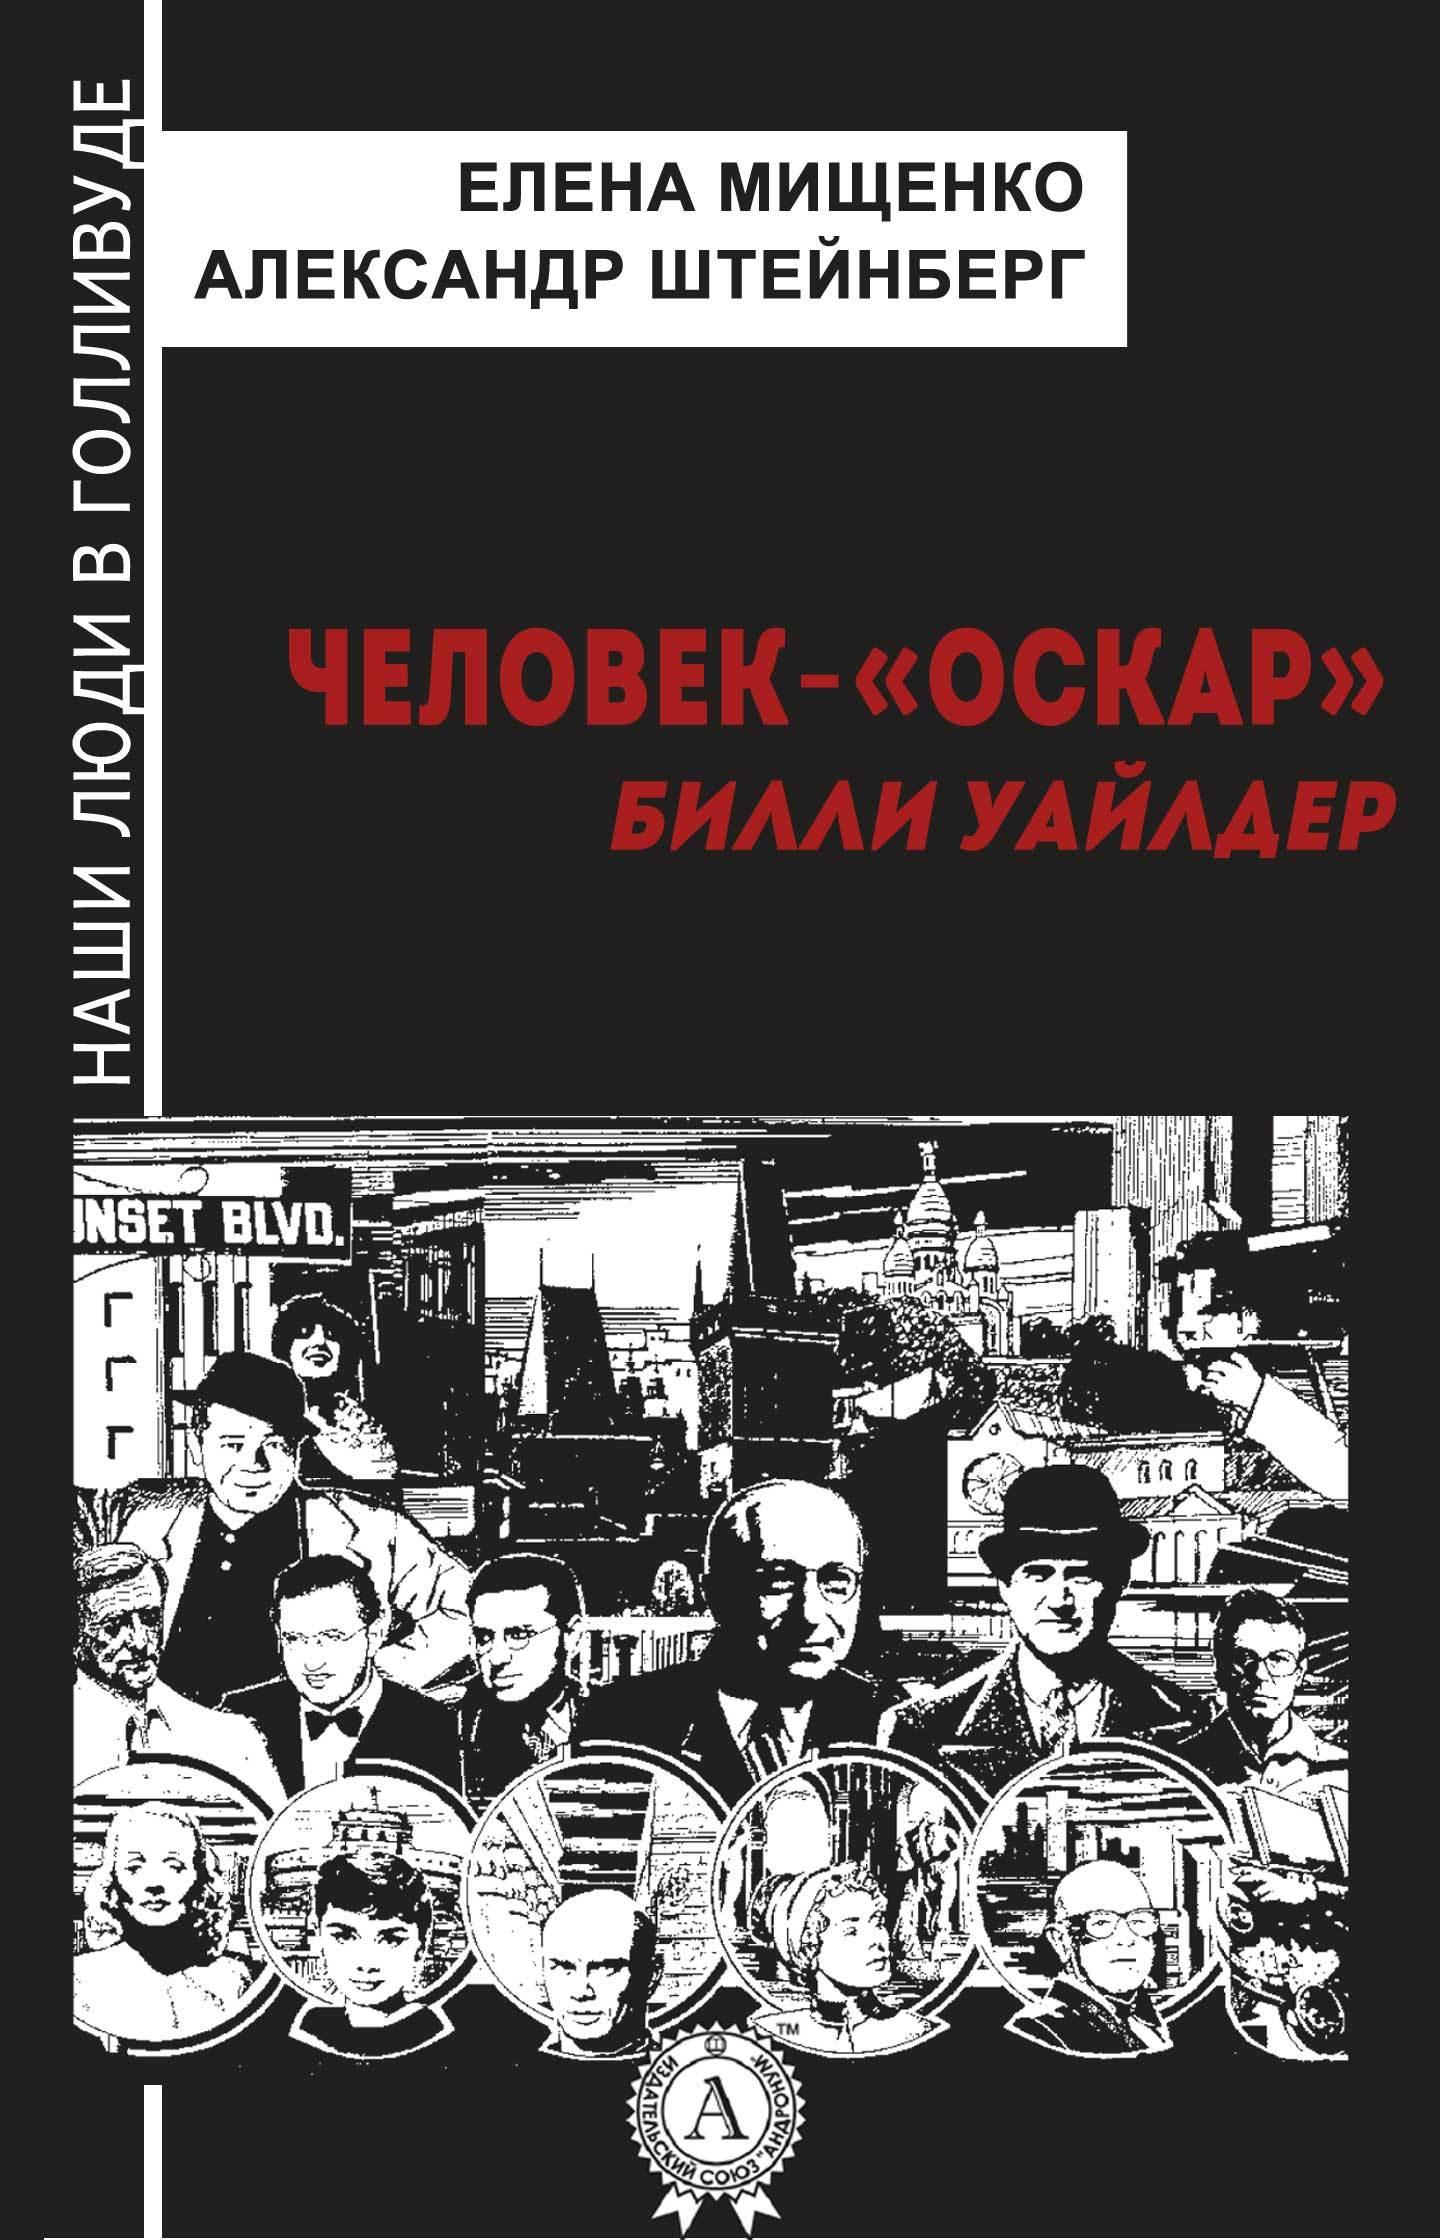 Елена Мищенко, Александр Штейнберг - Человек-«Оскар». Билли Уайлдер